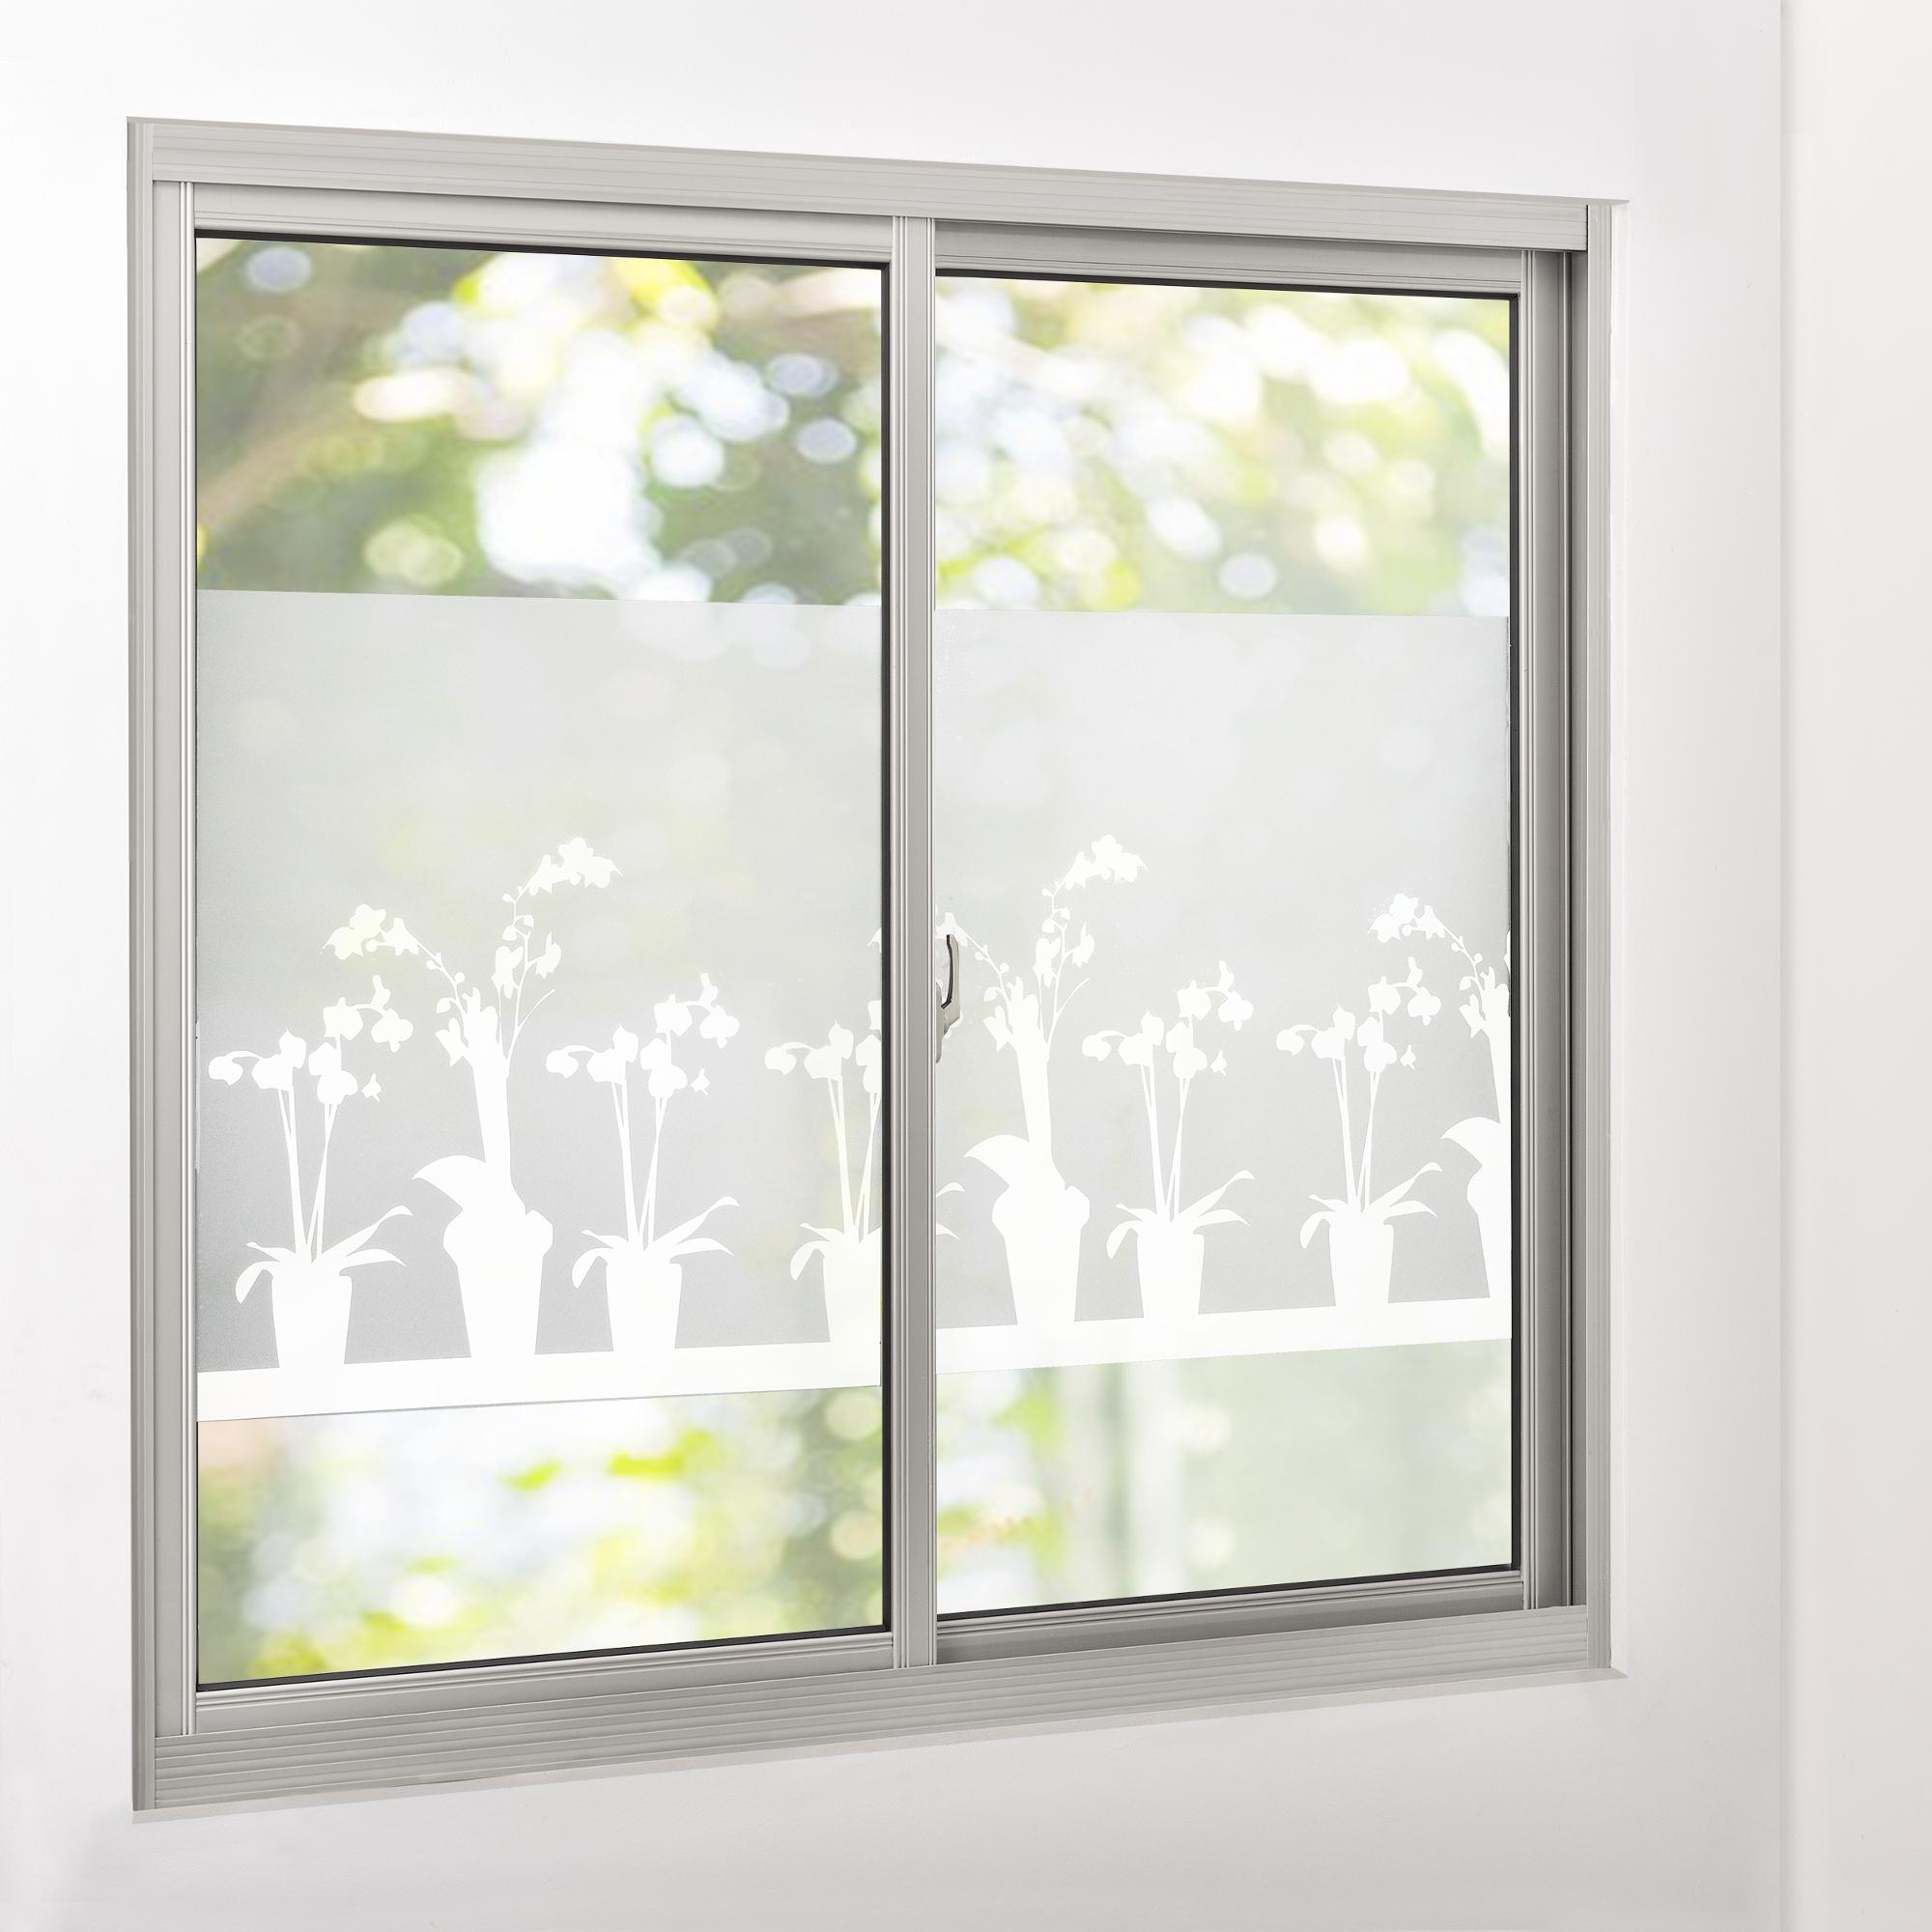 sichtschutzfolie milchglas blumen 67 5 cm x 1 m statisch fenster ebay. Black Bedroom Furniture Sets. Home Design Ideas